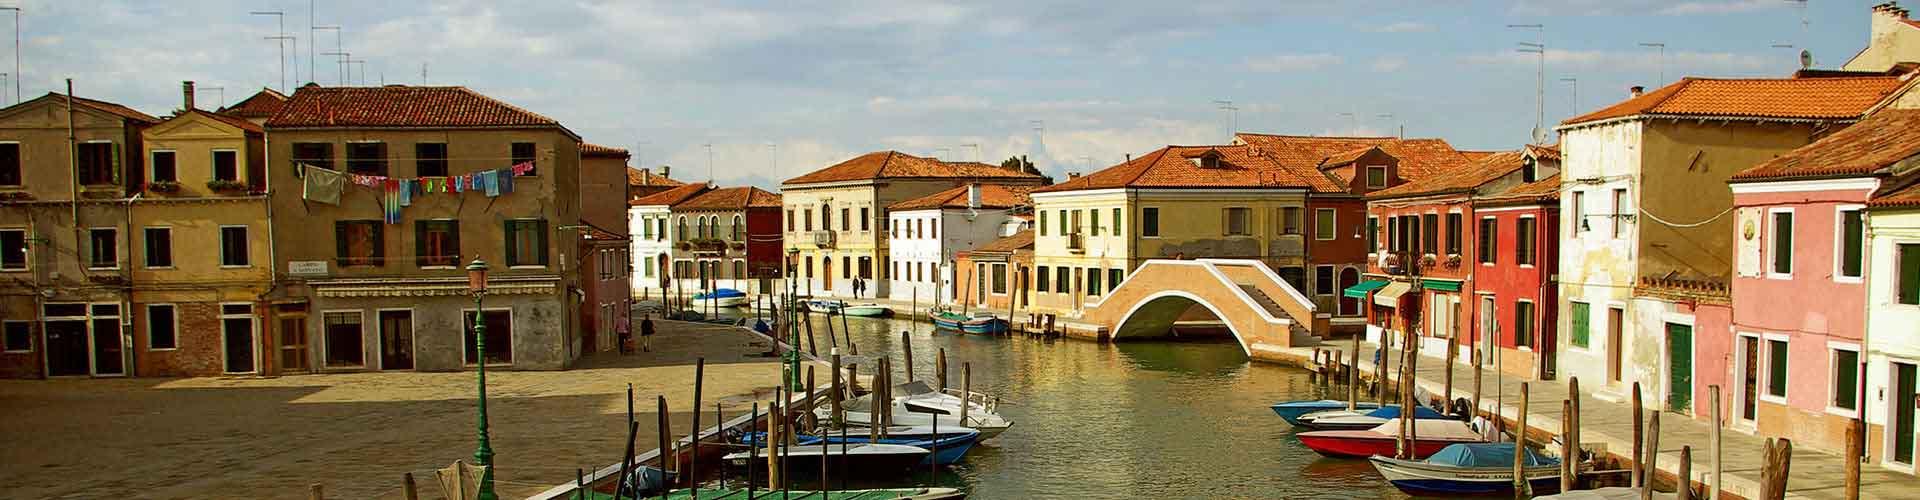 Venedig Mestre - Hostels nahe Flughafen Venedig Marco Polo. Venedig Mestre auf der Karte. Fotos und Bewertungen für jedes Hostel in Venedig Mestre.